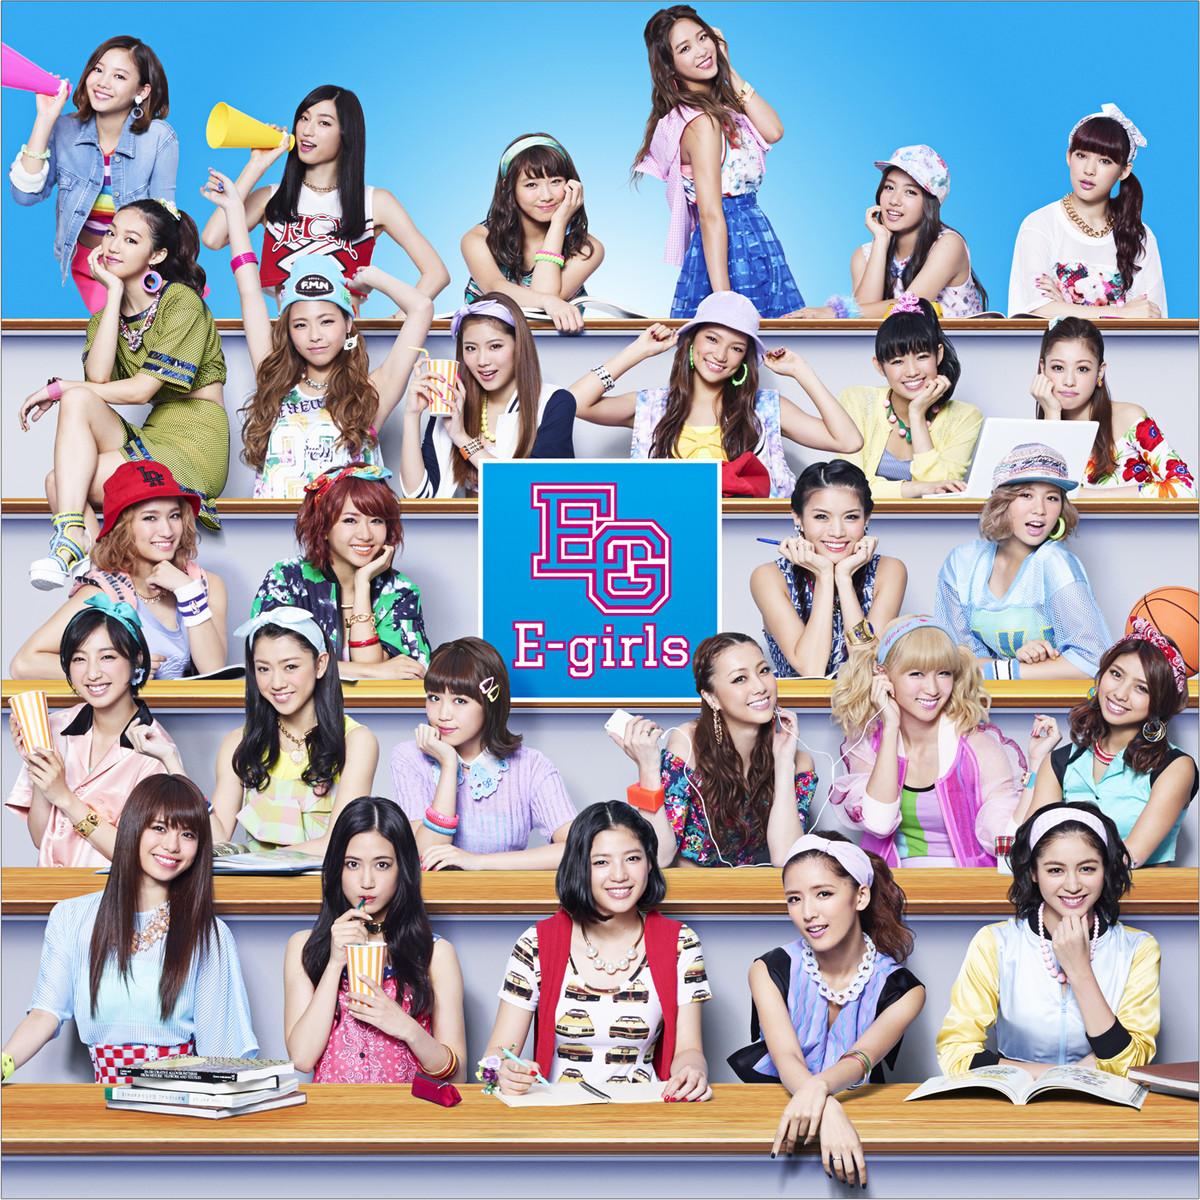 20190110.1240.15 E-girls - Highschool love cover 1.jpg